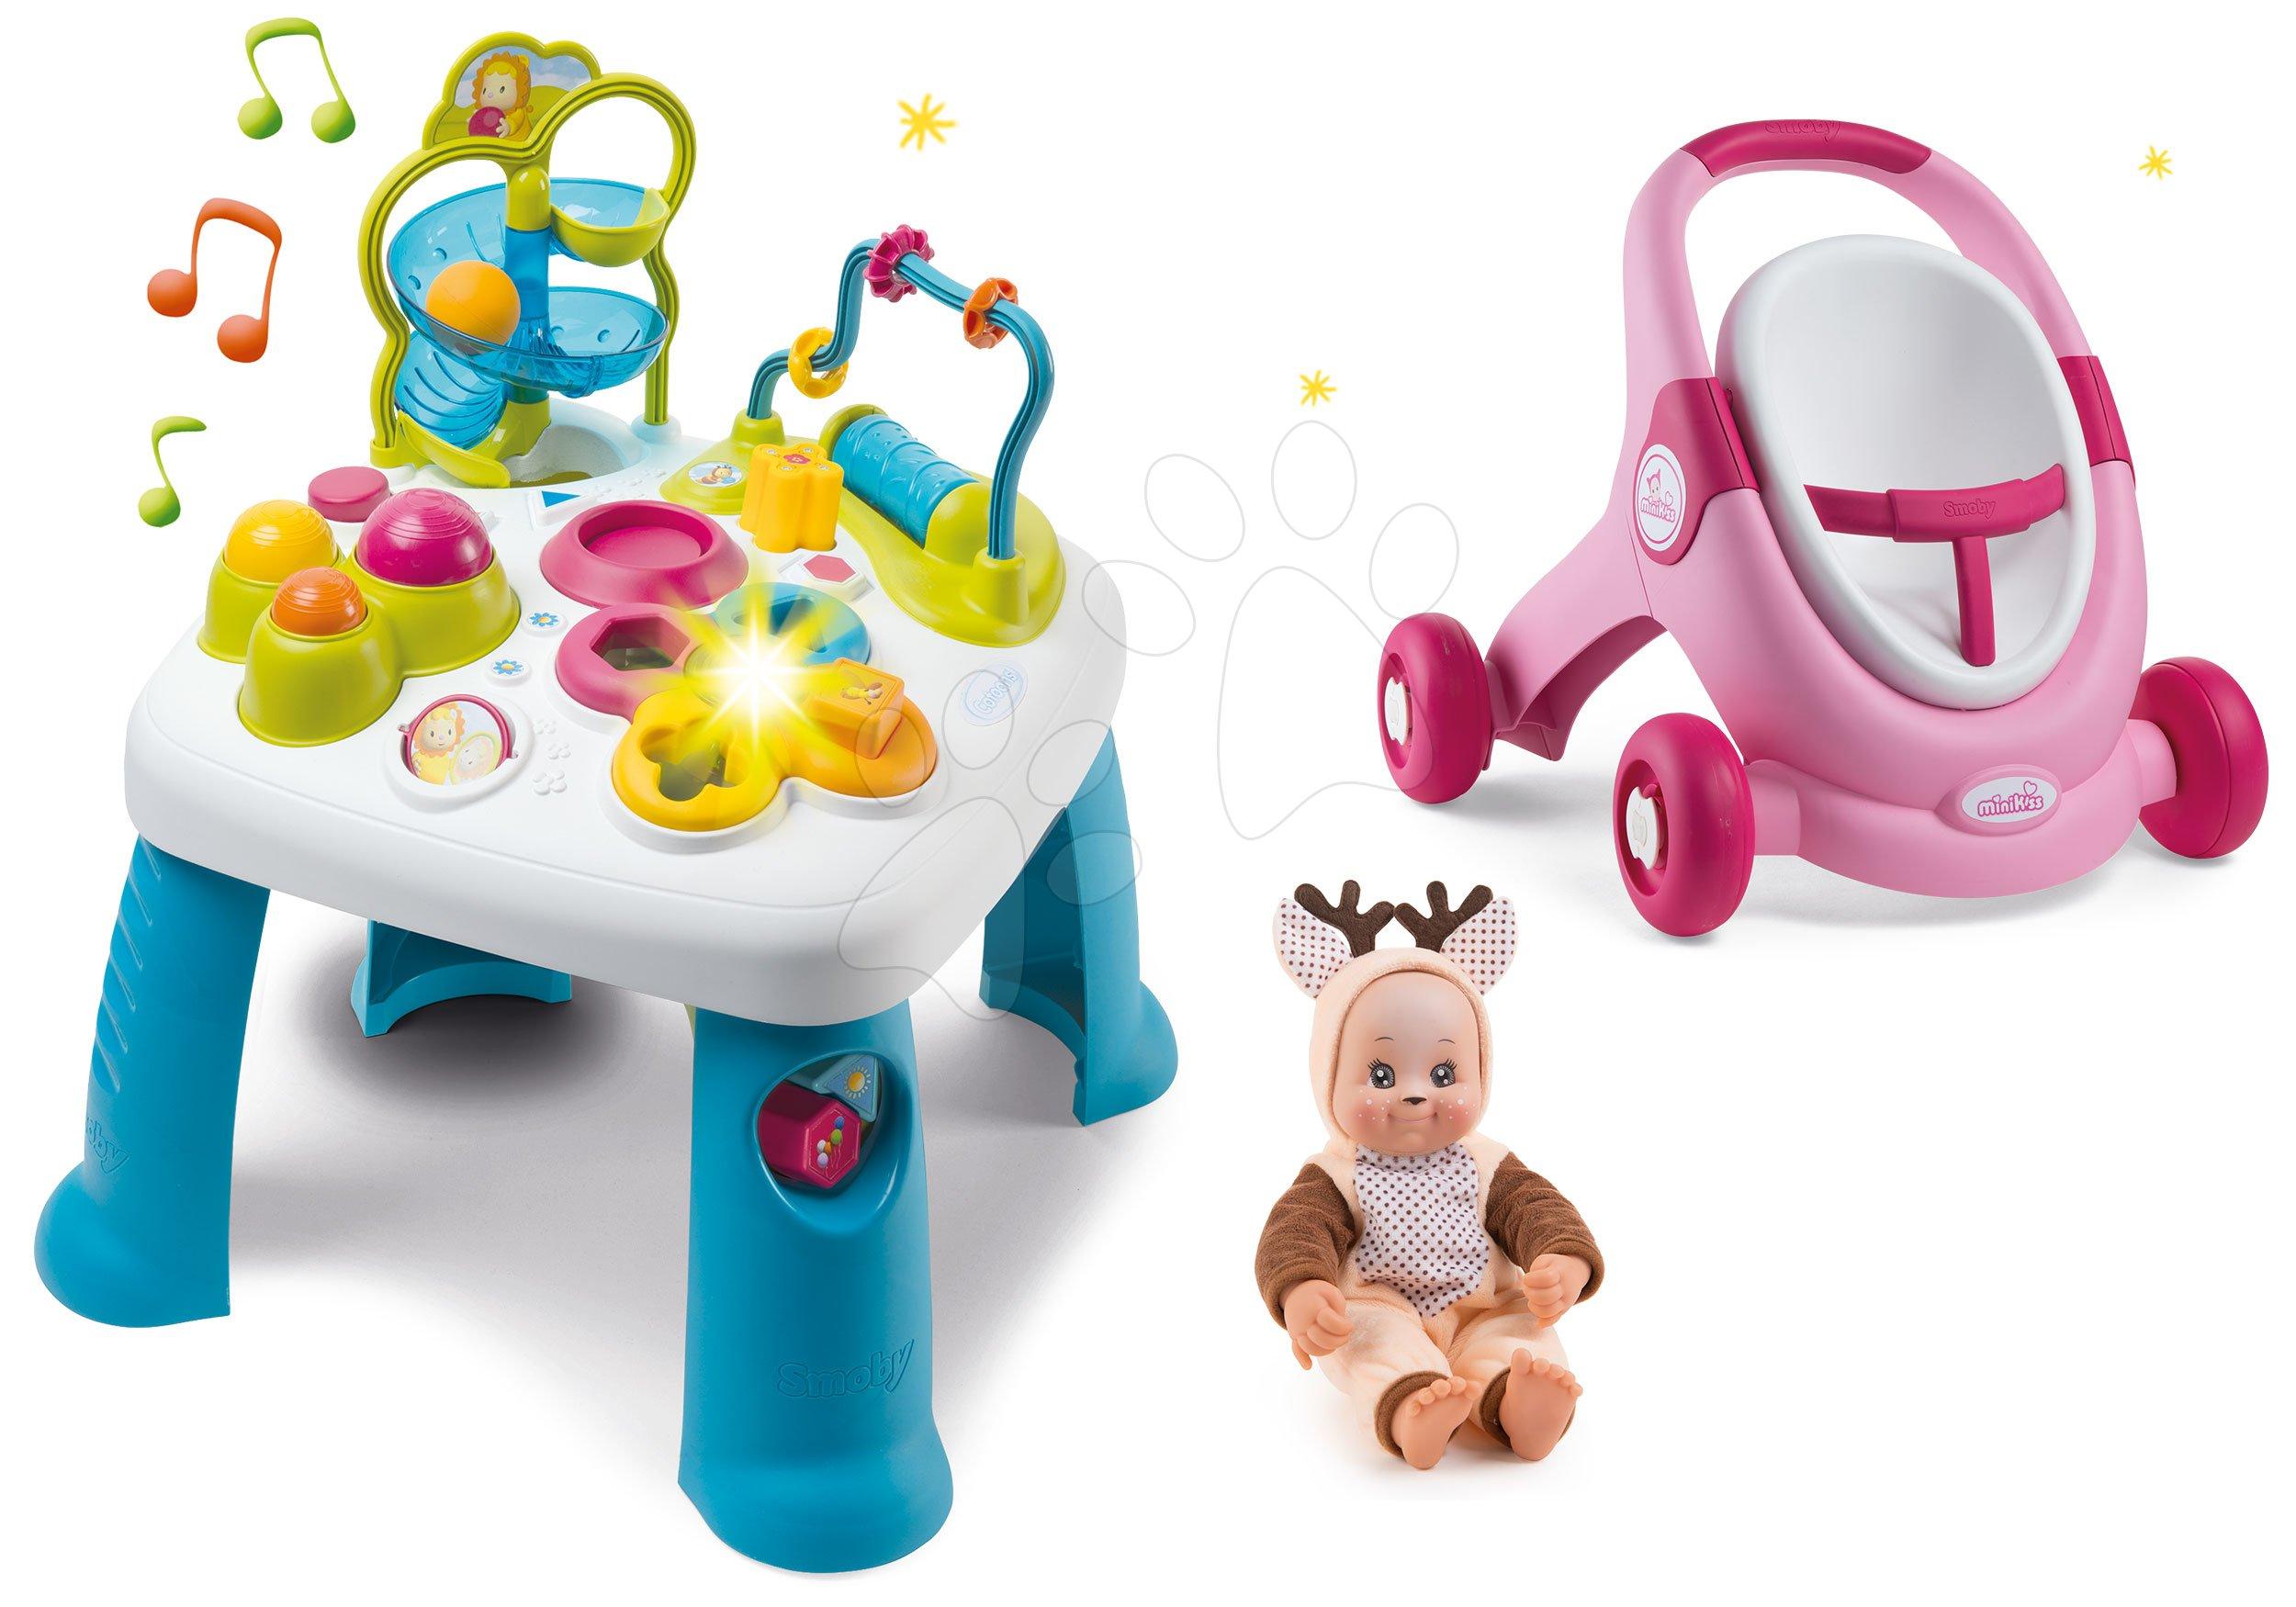 Smoby set didaktický stolík Cotoons a chodítko s kockami 211067-6 ružový